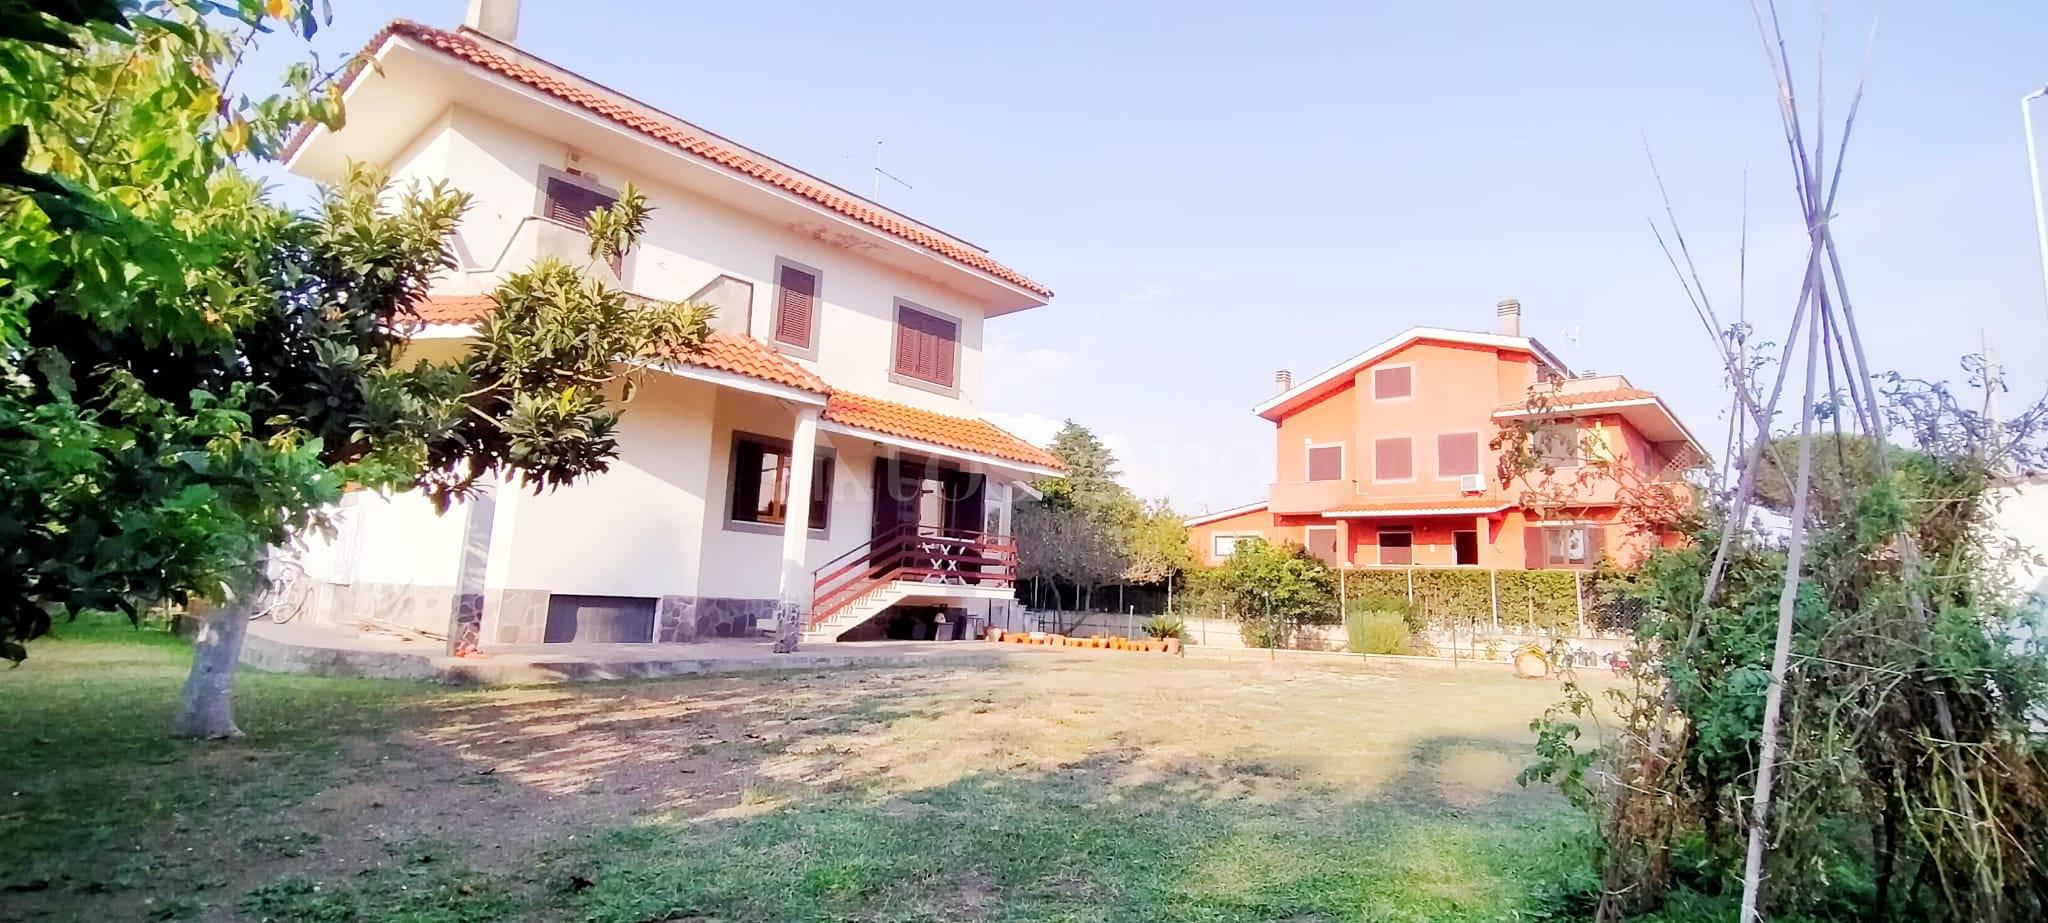 Villa in vendita di 350 mq a €799.000 (rif. 58/2020) immagine 1 di 15